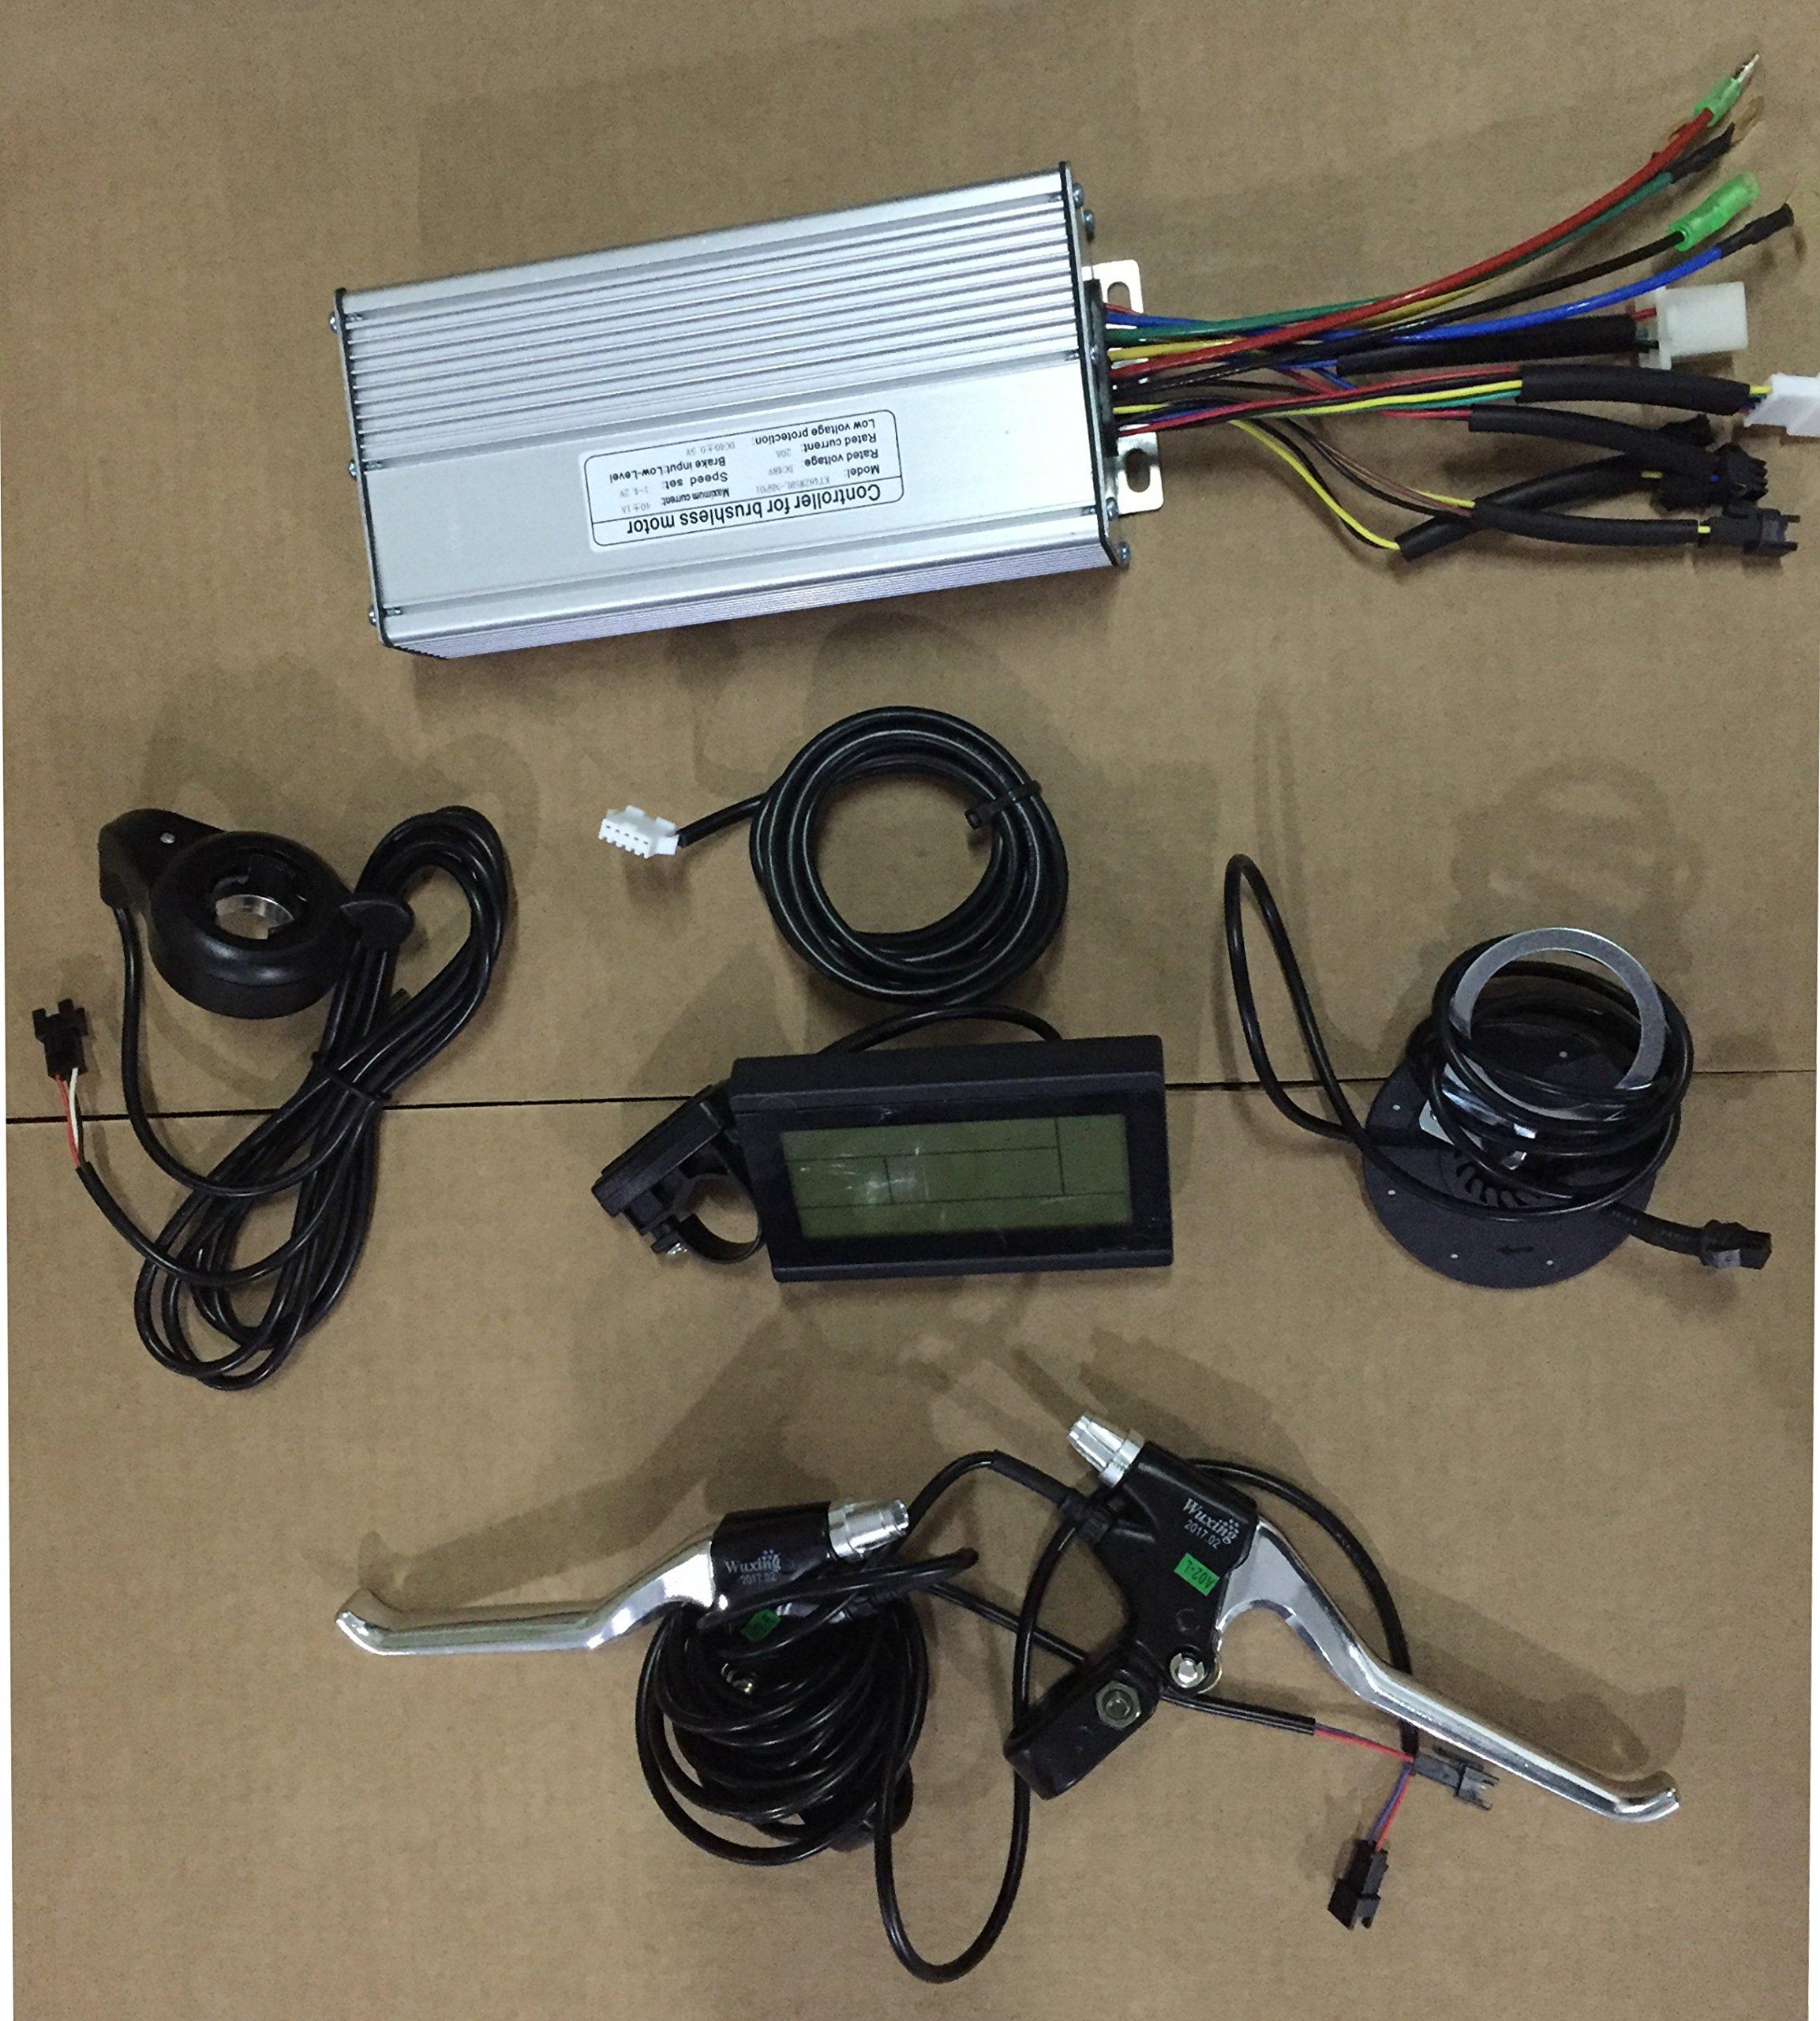 36V 48V 1500W Brushless DC Sine Wave Controller + 36V 48V LCD Control Panel + thumb throttle +Brake Lever+PAS Sensor